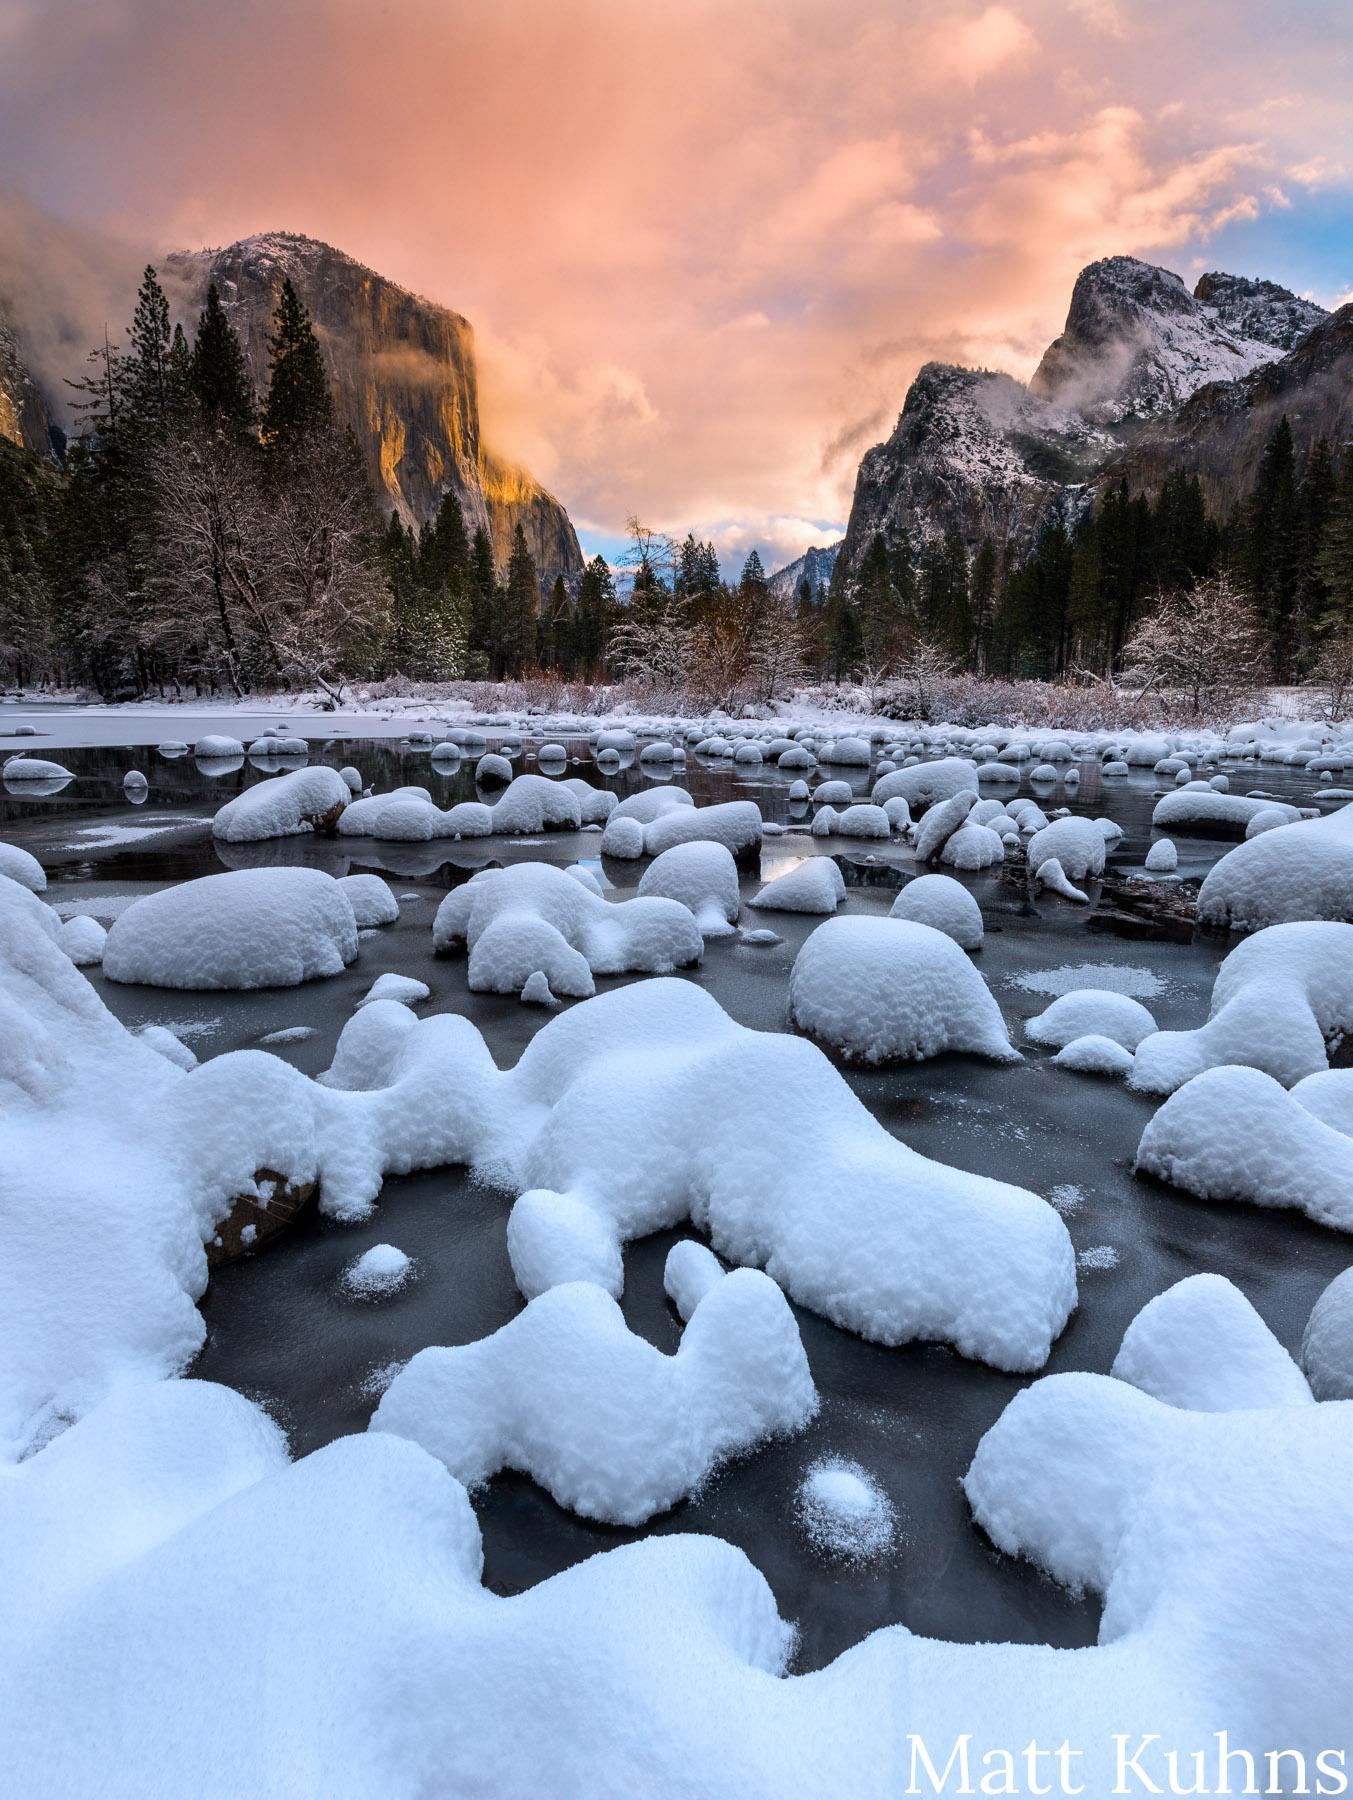 """Photo by Matt Kuhns """"Gates of the Valley"""" at Yosemite National Park, California"""